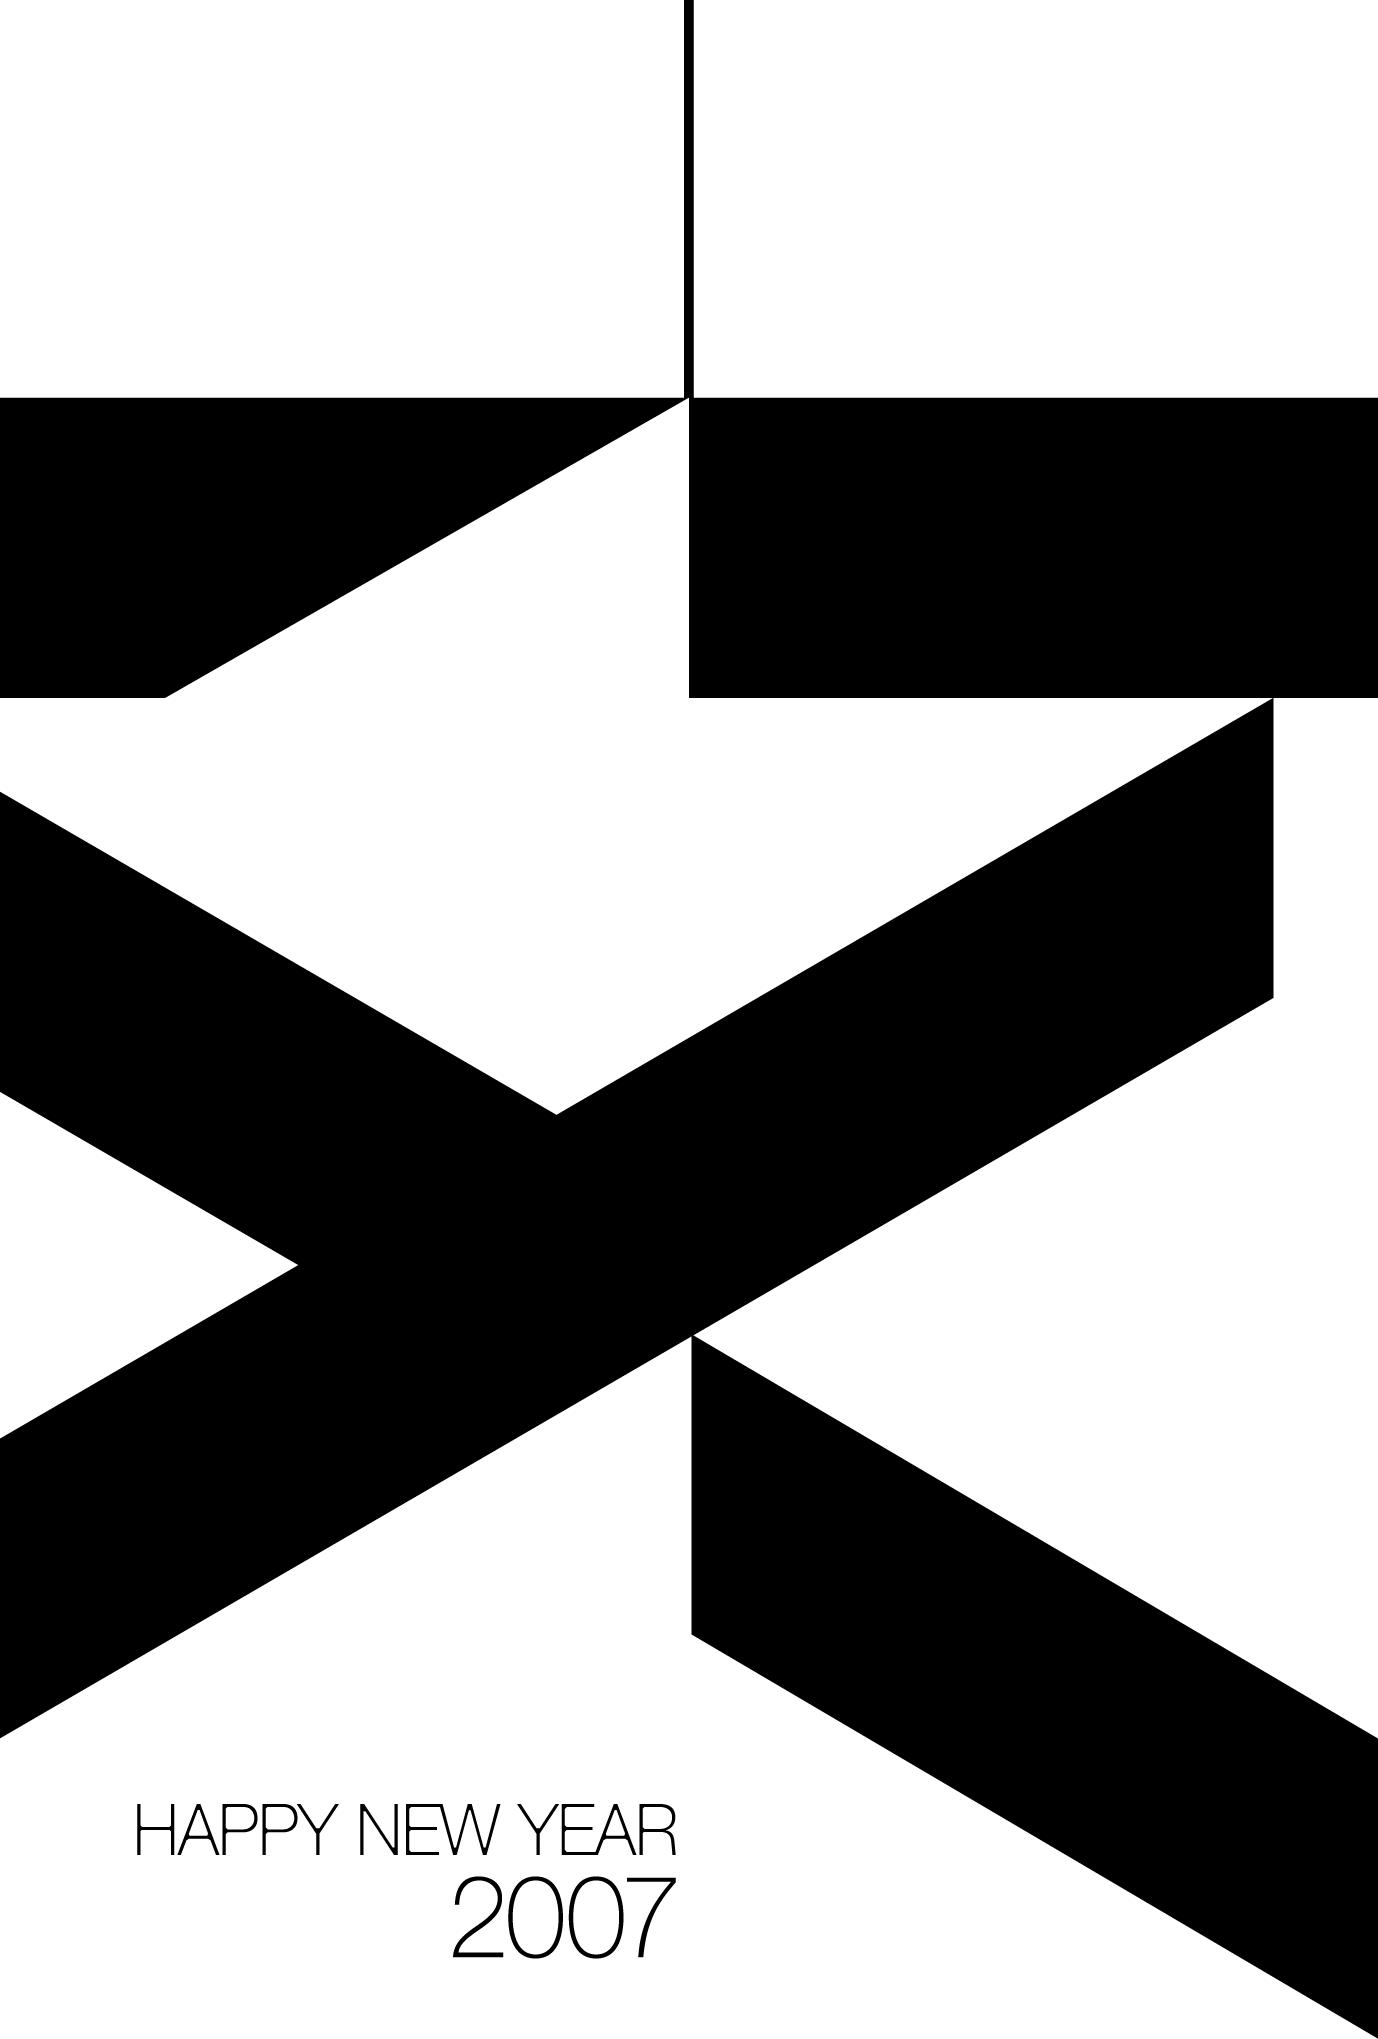 2007年賀状15:亥の図案 2007 / 黒のダウンロード画像